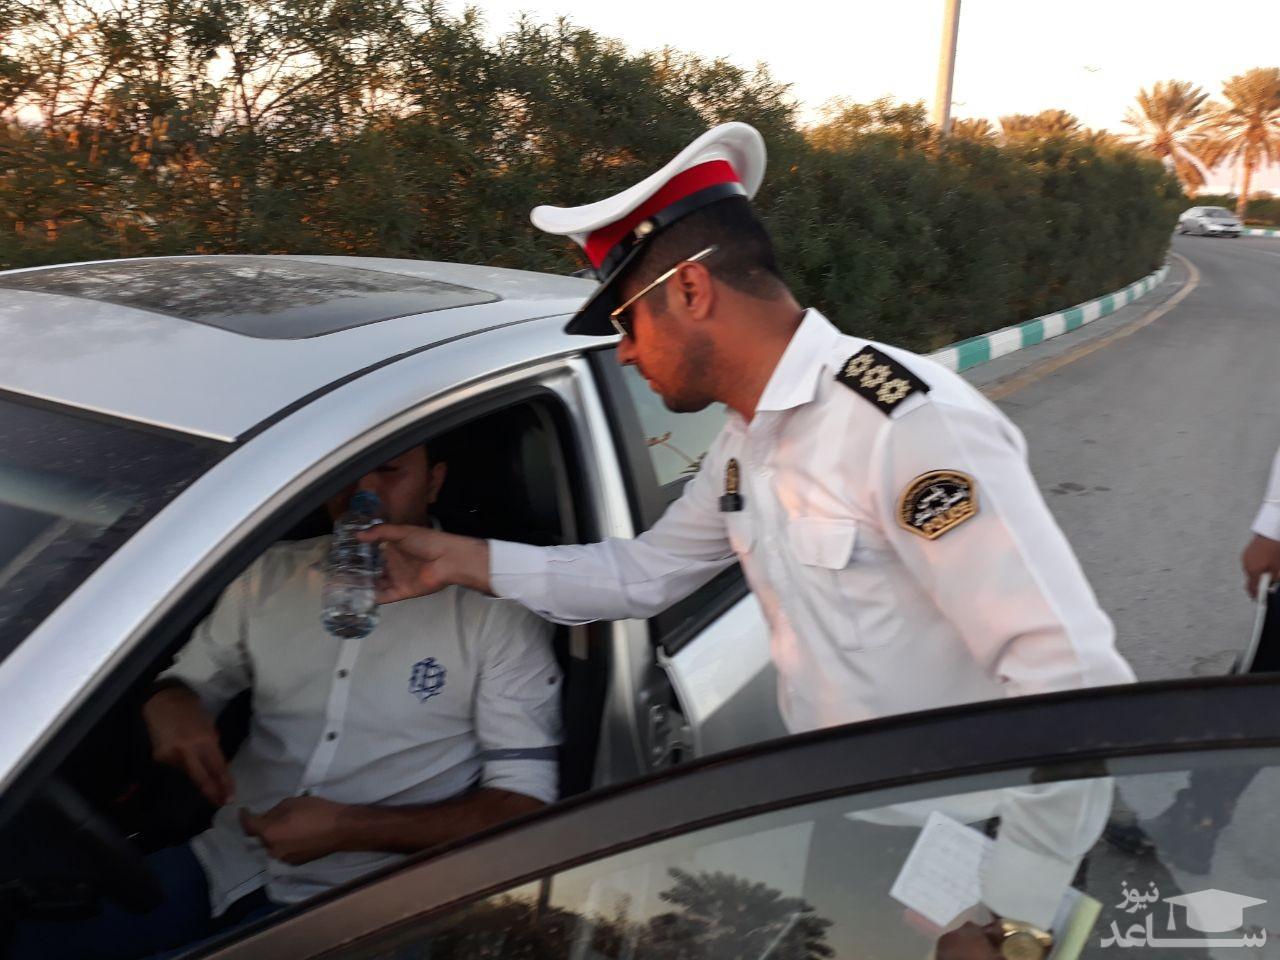 واکنش پلیس به کلیپ درگیری مامور و یک شهروند